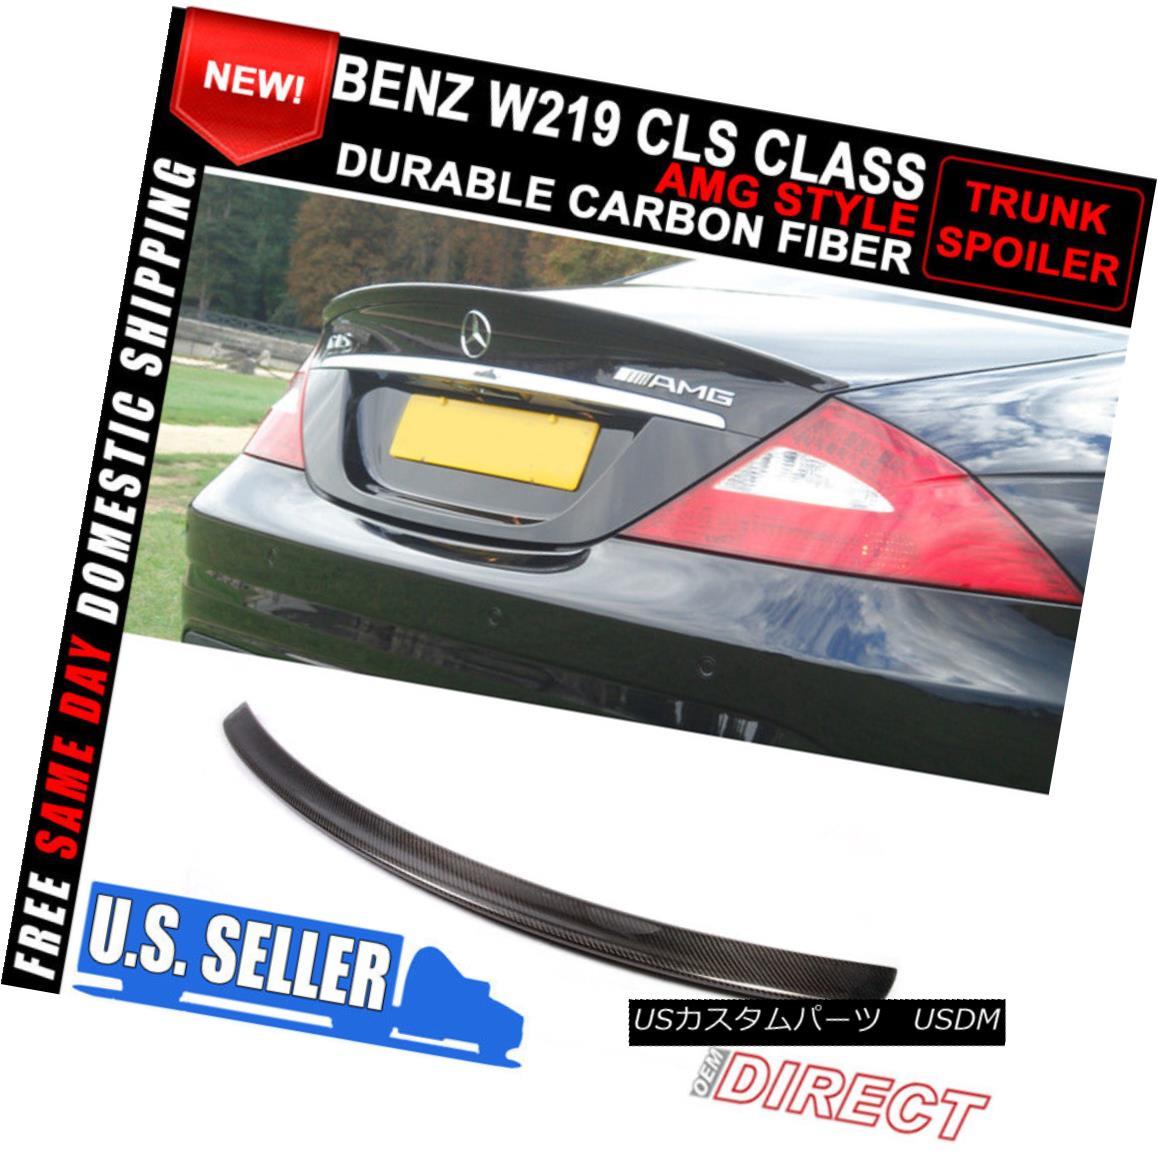 エアロパーツ 05-10 Benz CLS Class W219 Sedan AMG Carbon Fiber CF Trunk Spoiler 05-10ベンツCLSクラスW219セダンAMGカーボンファイバーCFトランク・スポイラー